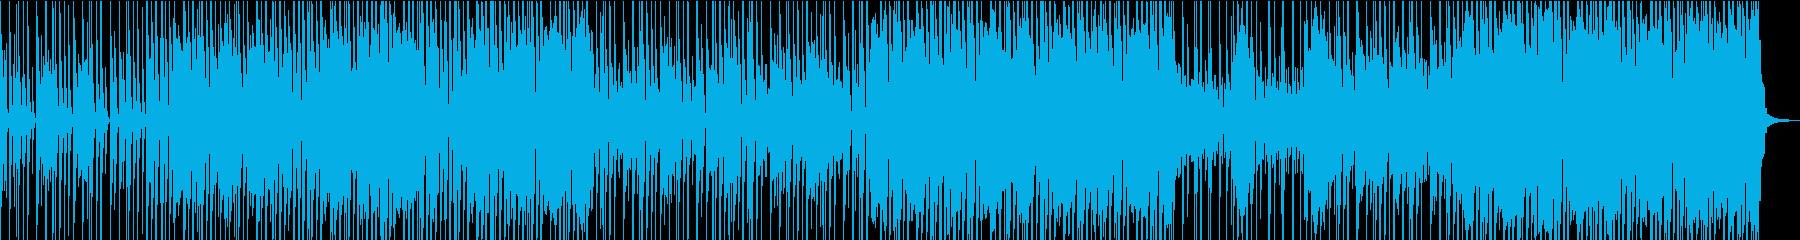 ファンク 励ましい 盛り上がる レ...の再生済みの波形